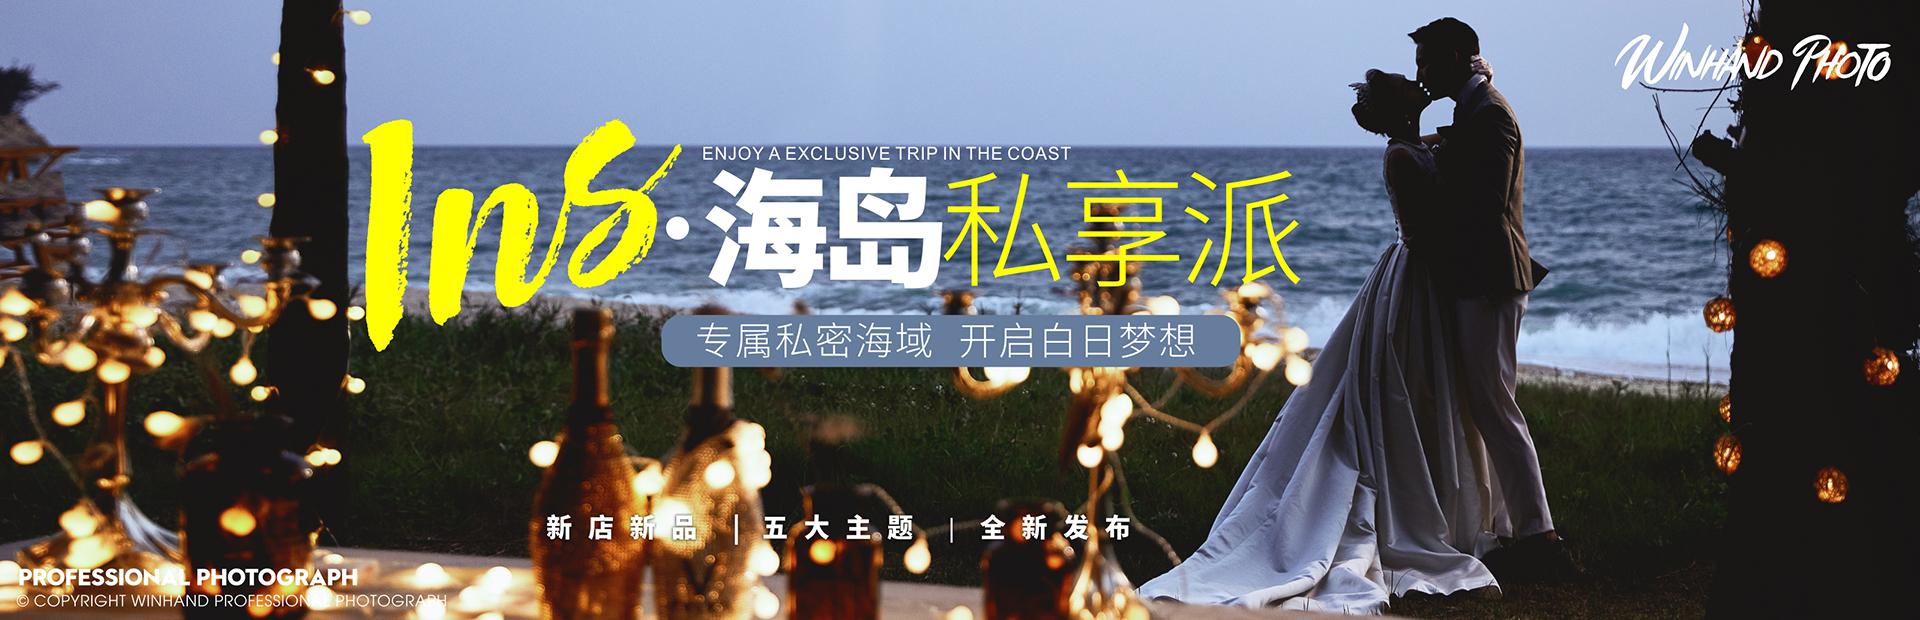 永恒婚纱摄影-INS·海岛私享派 开启新风格